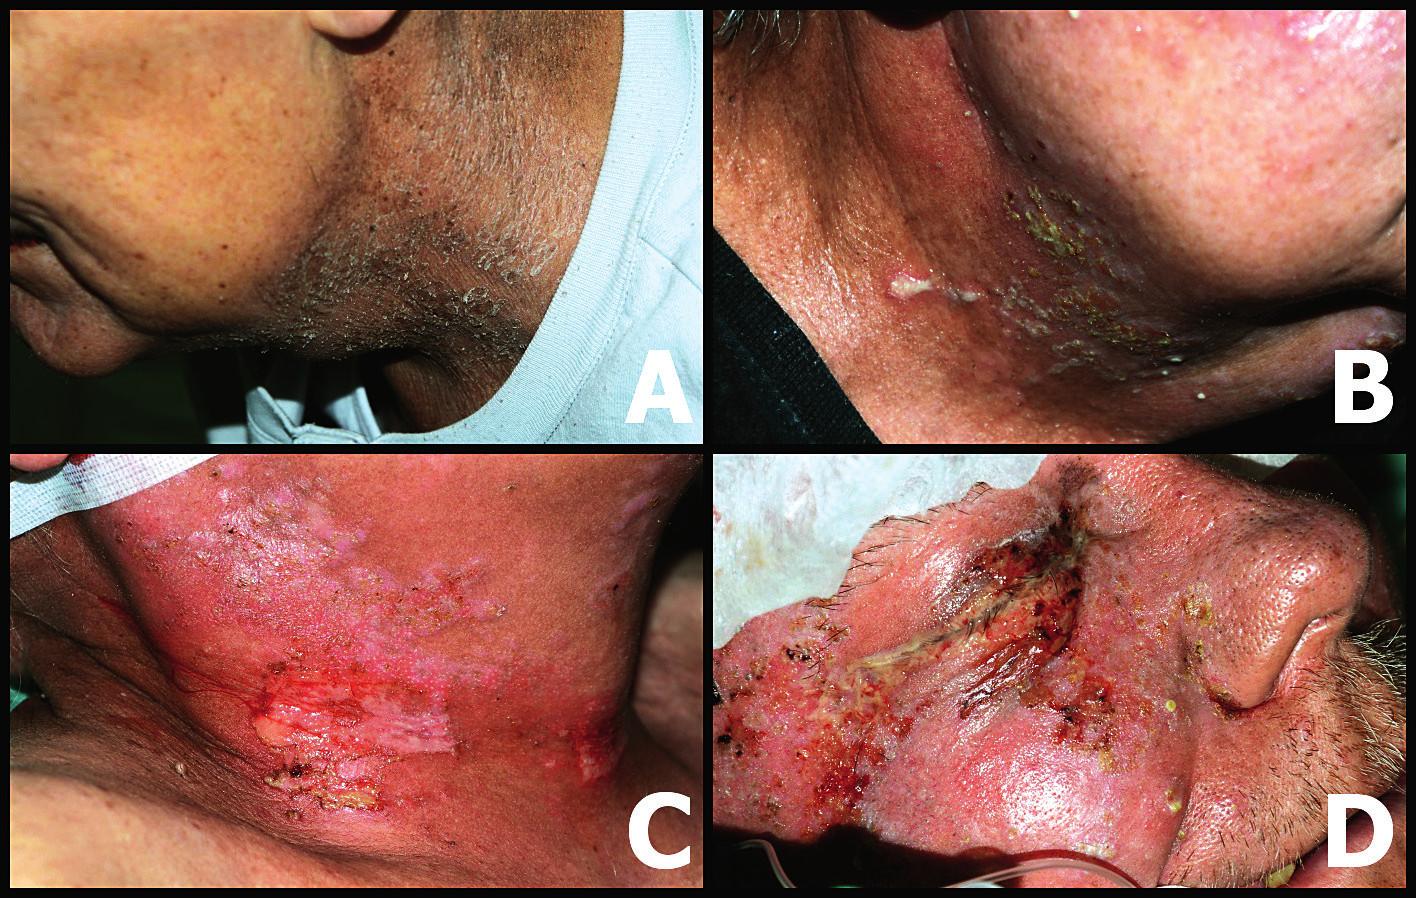 Stupně dermatitidy podle klasifikace RTOG <br> A – dermatitida 1. stupně – suchá deskvamace, B – dermatitida 2. stupně – vlhká deskvamace, C, D – dermatitida 3.–4. stupně  (fotoarchiv autorky)